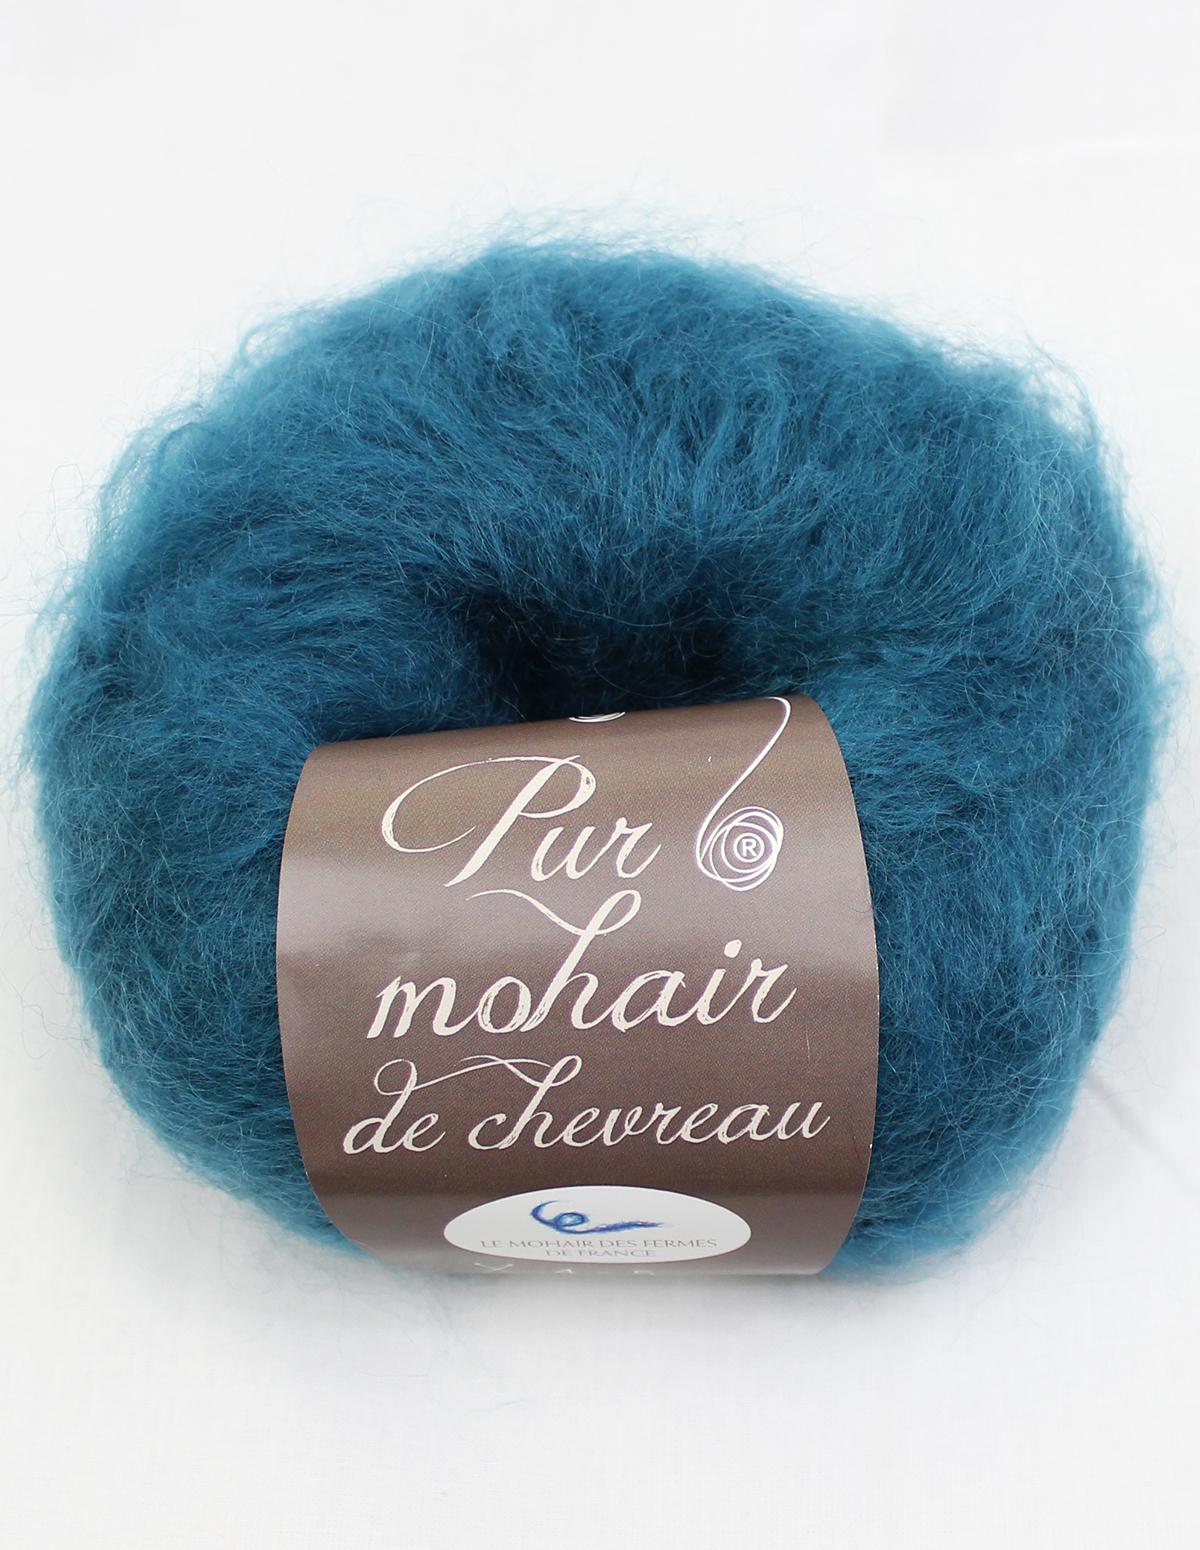 Pelote-Pur-Mohair-COL-VERT-1-Une-Ferme-a-la-Bassette